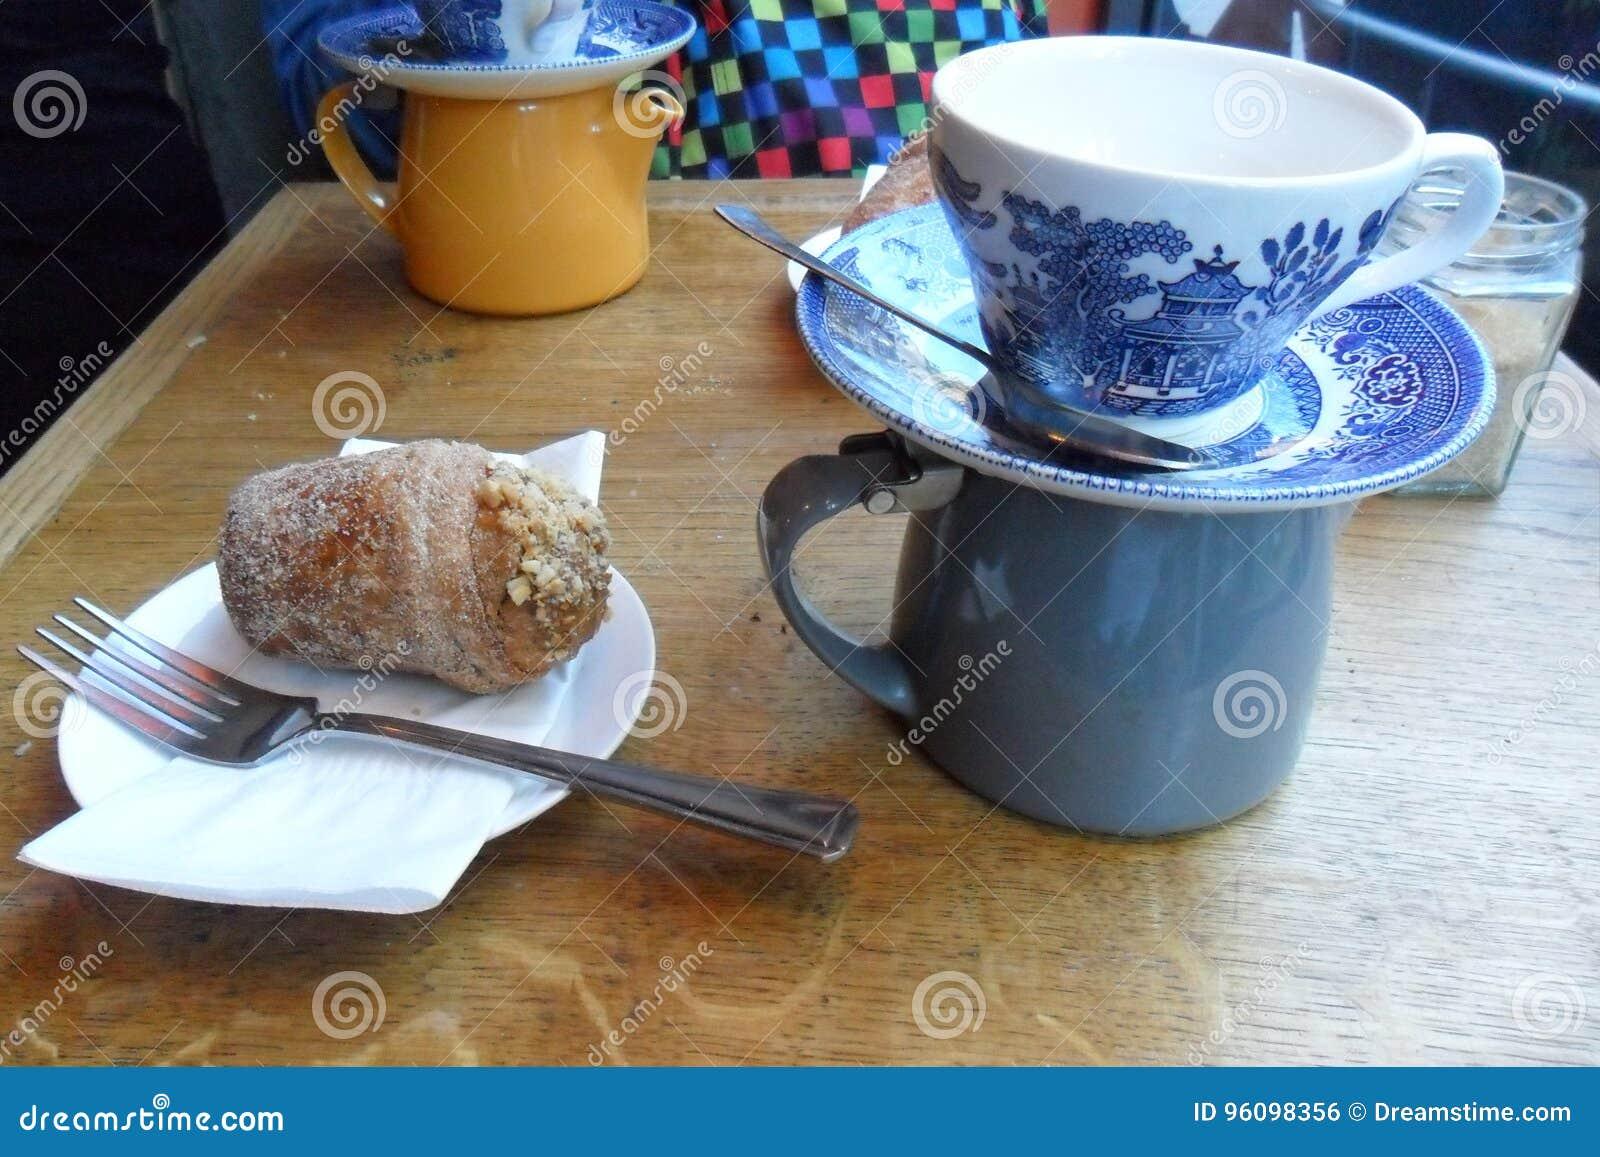 Té y cronut en Londres